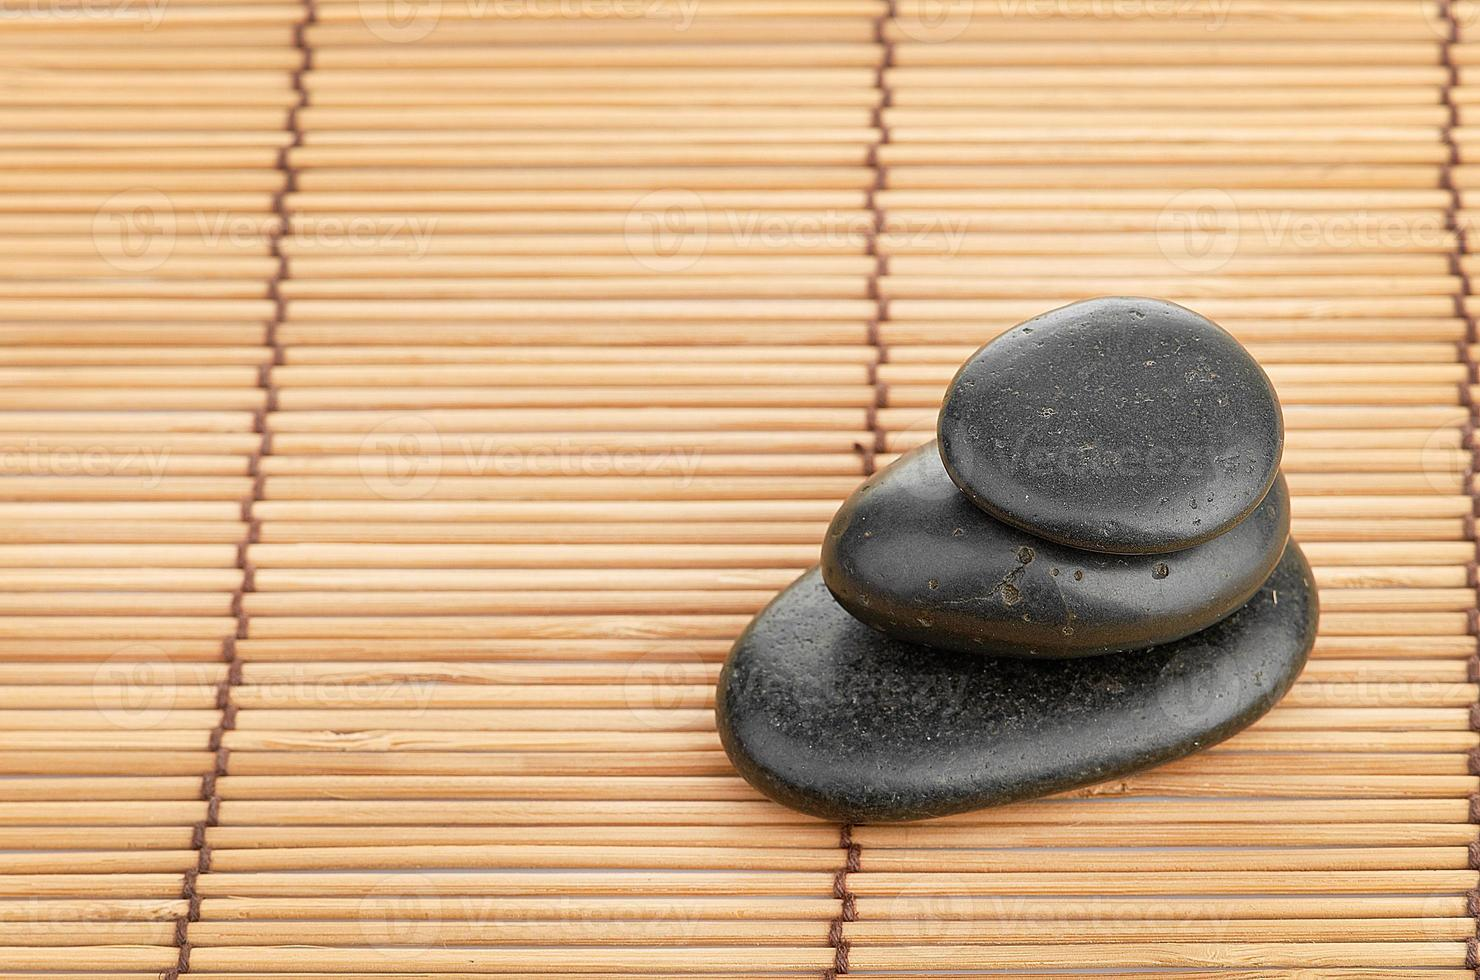 o spa uma pedra no fundo do bambu foto